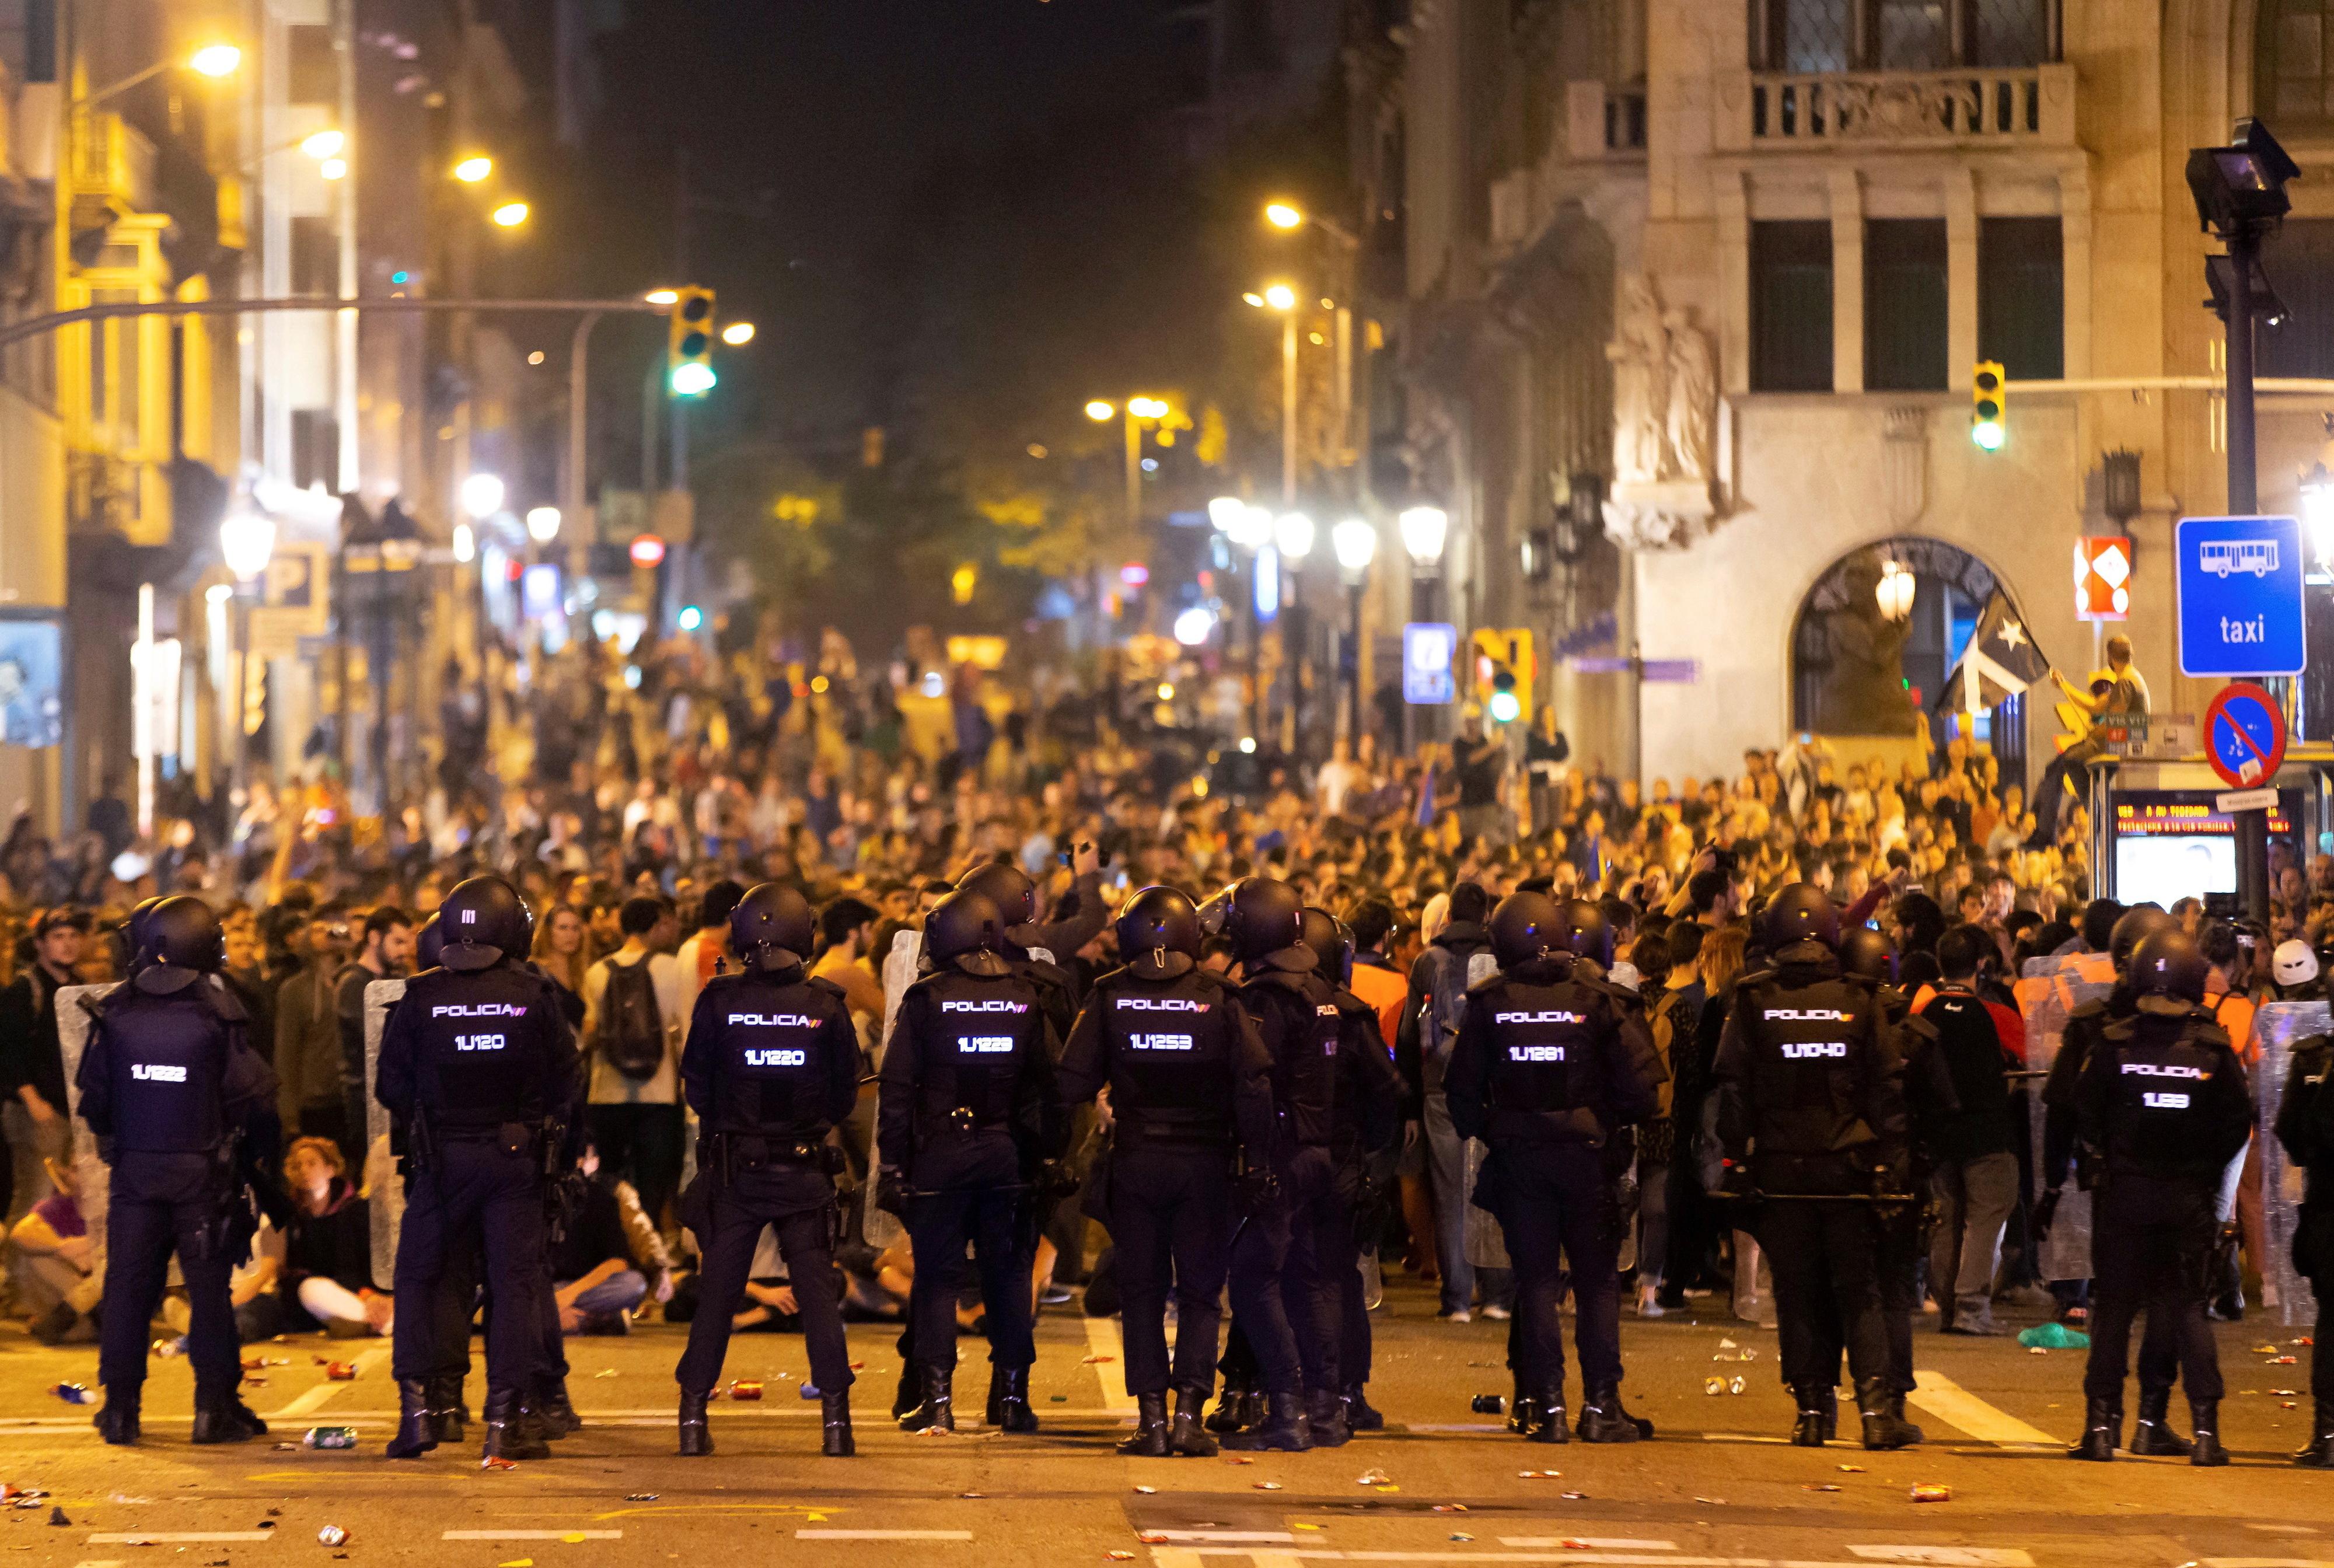 Protesto desconvocado depois de polícia carregar sobre manifestantes